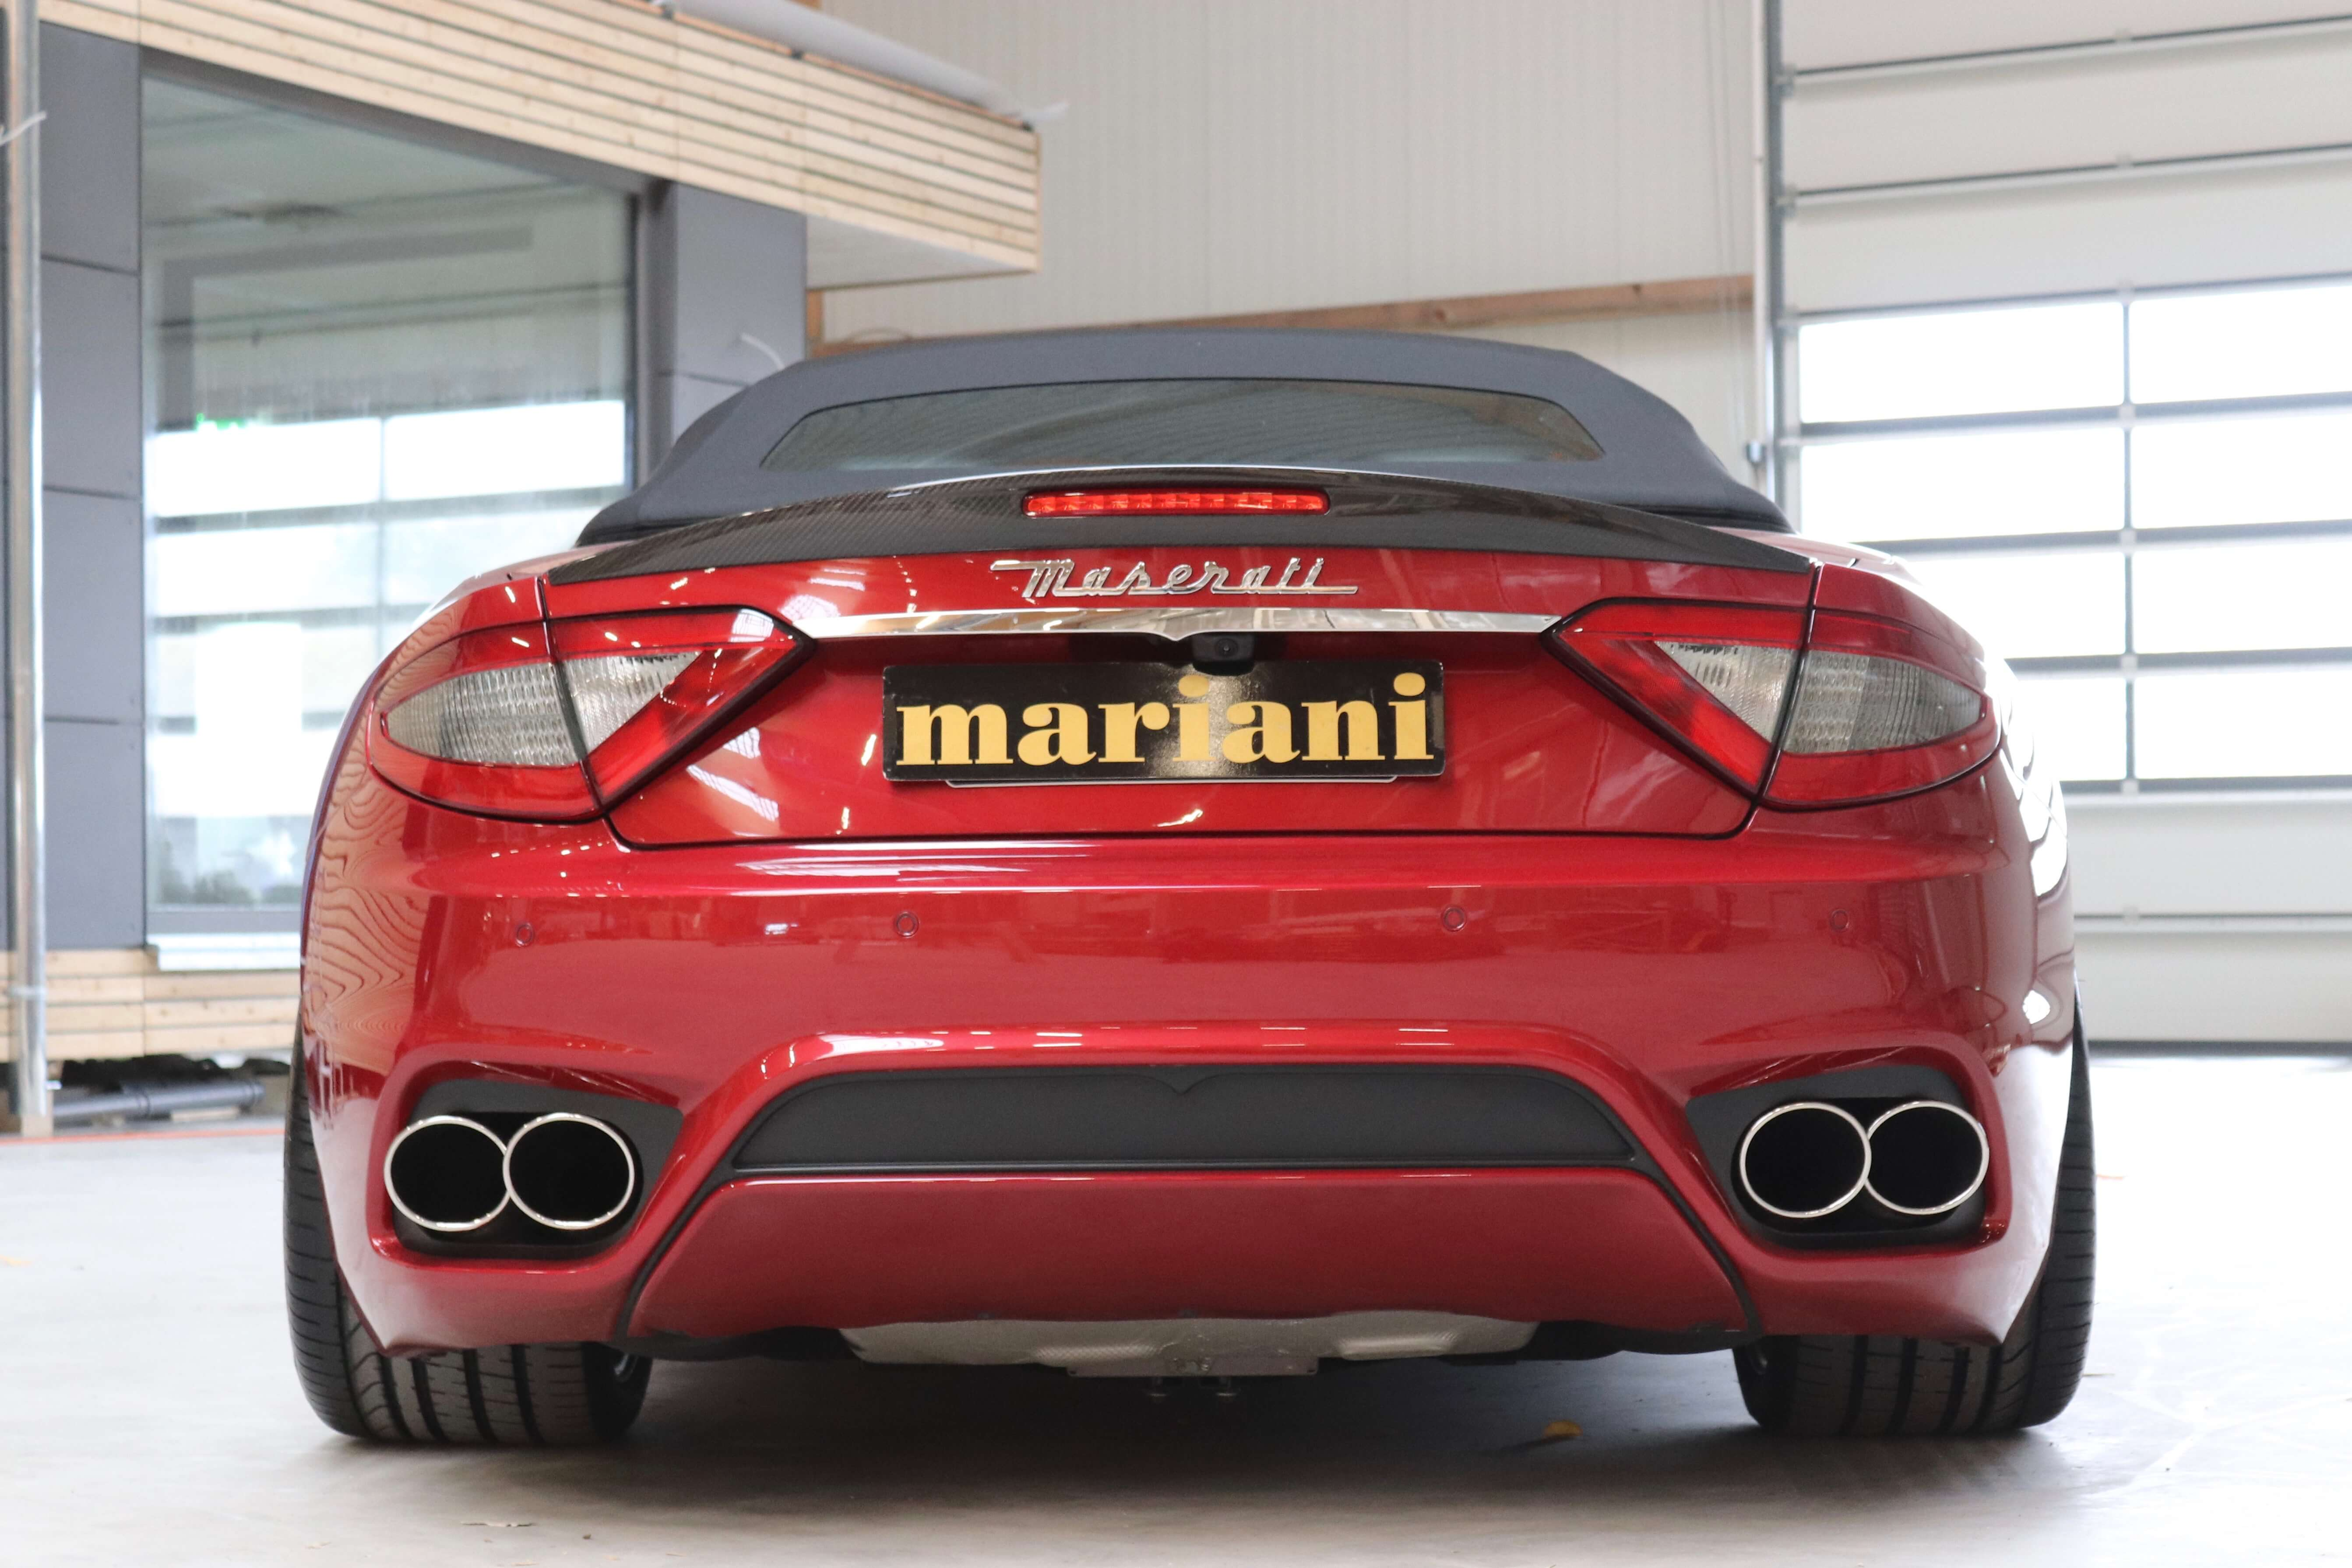 Aston Martin DB11 Felgen + Fahrwerk